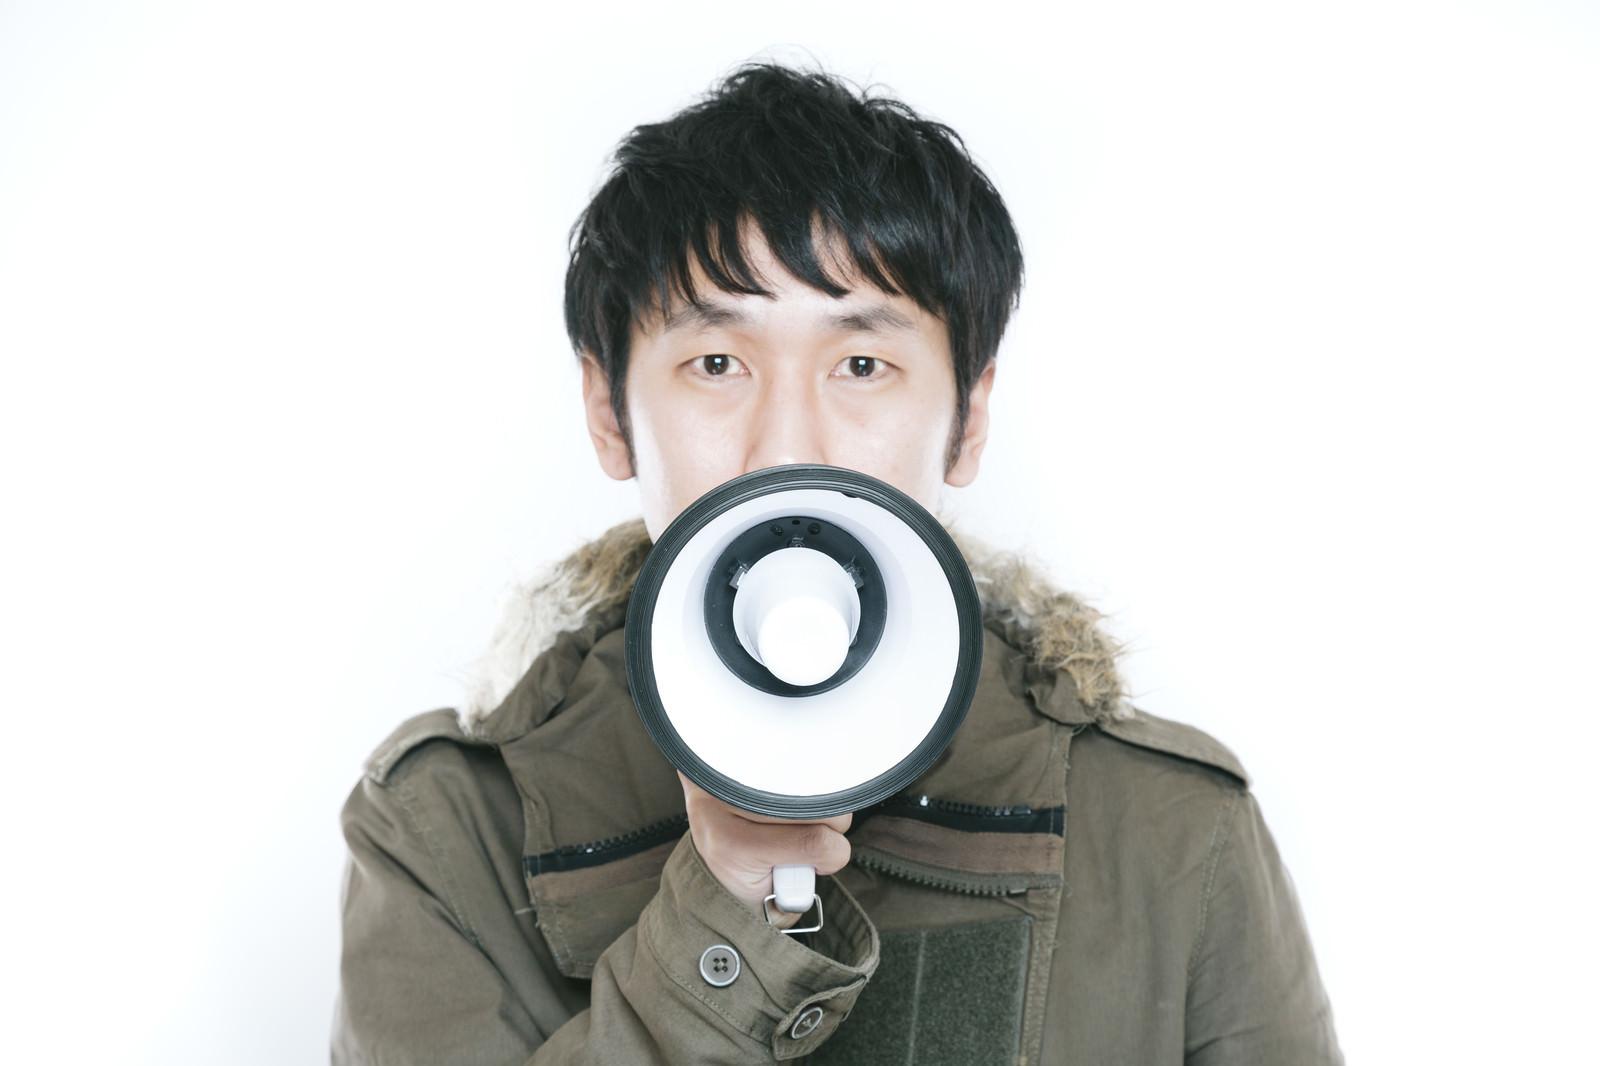 「マイクの代わりに拡声器を使うボーカルマイクの代わりに拡声器を使うボーカル」[モデル:大川竜弥]のフリー写真素材を拡大